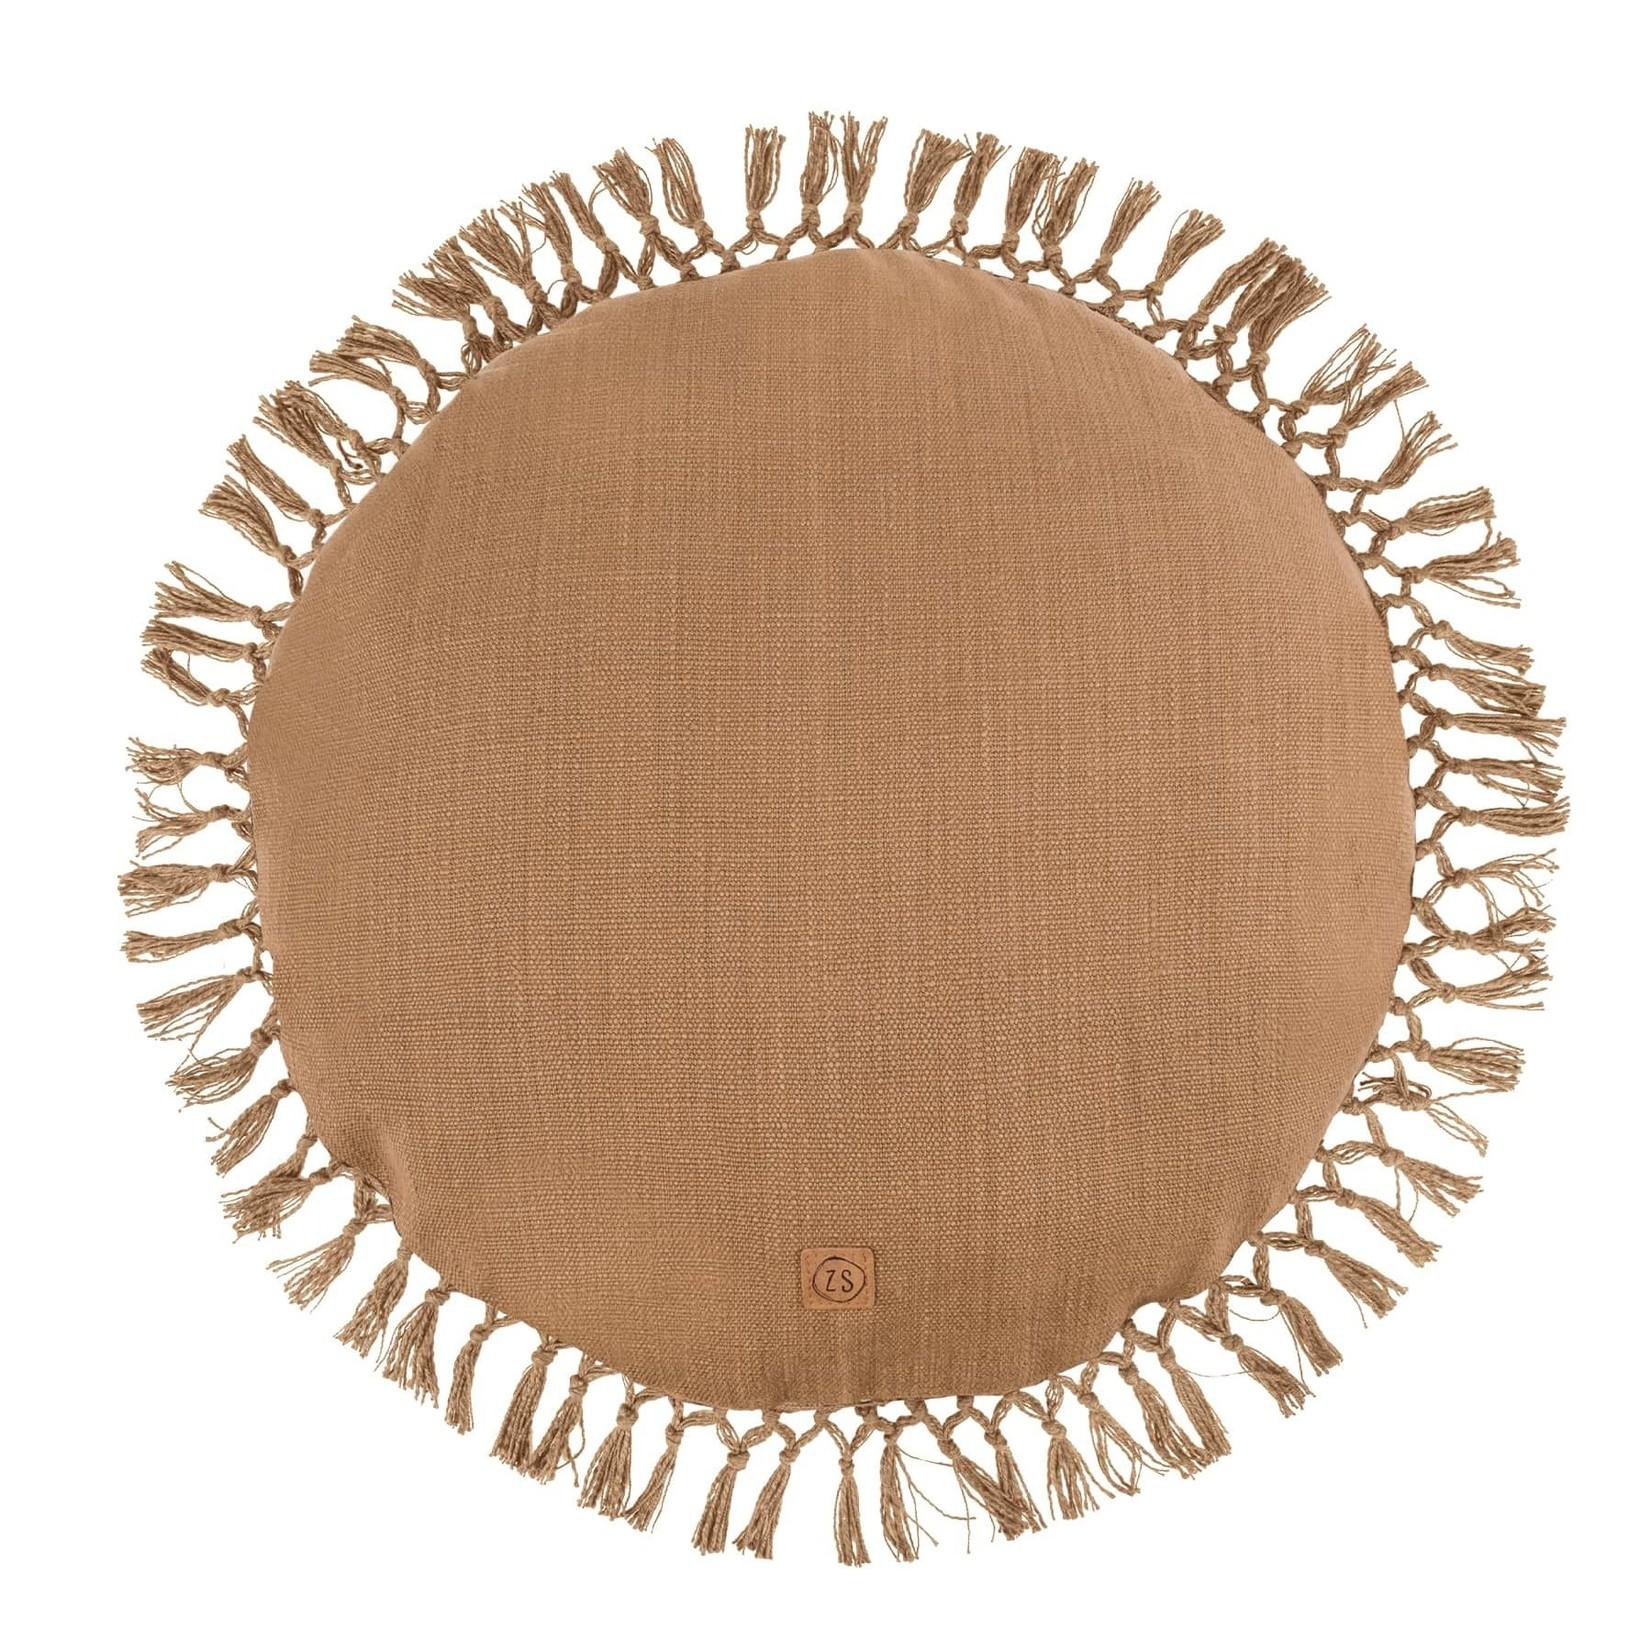 Zusss Rond kussen met kwastjes - Kaki - 45cm